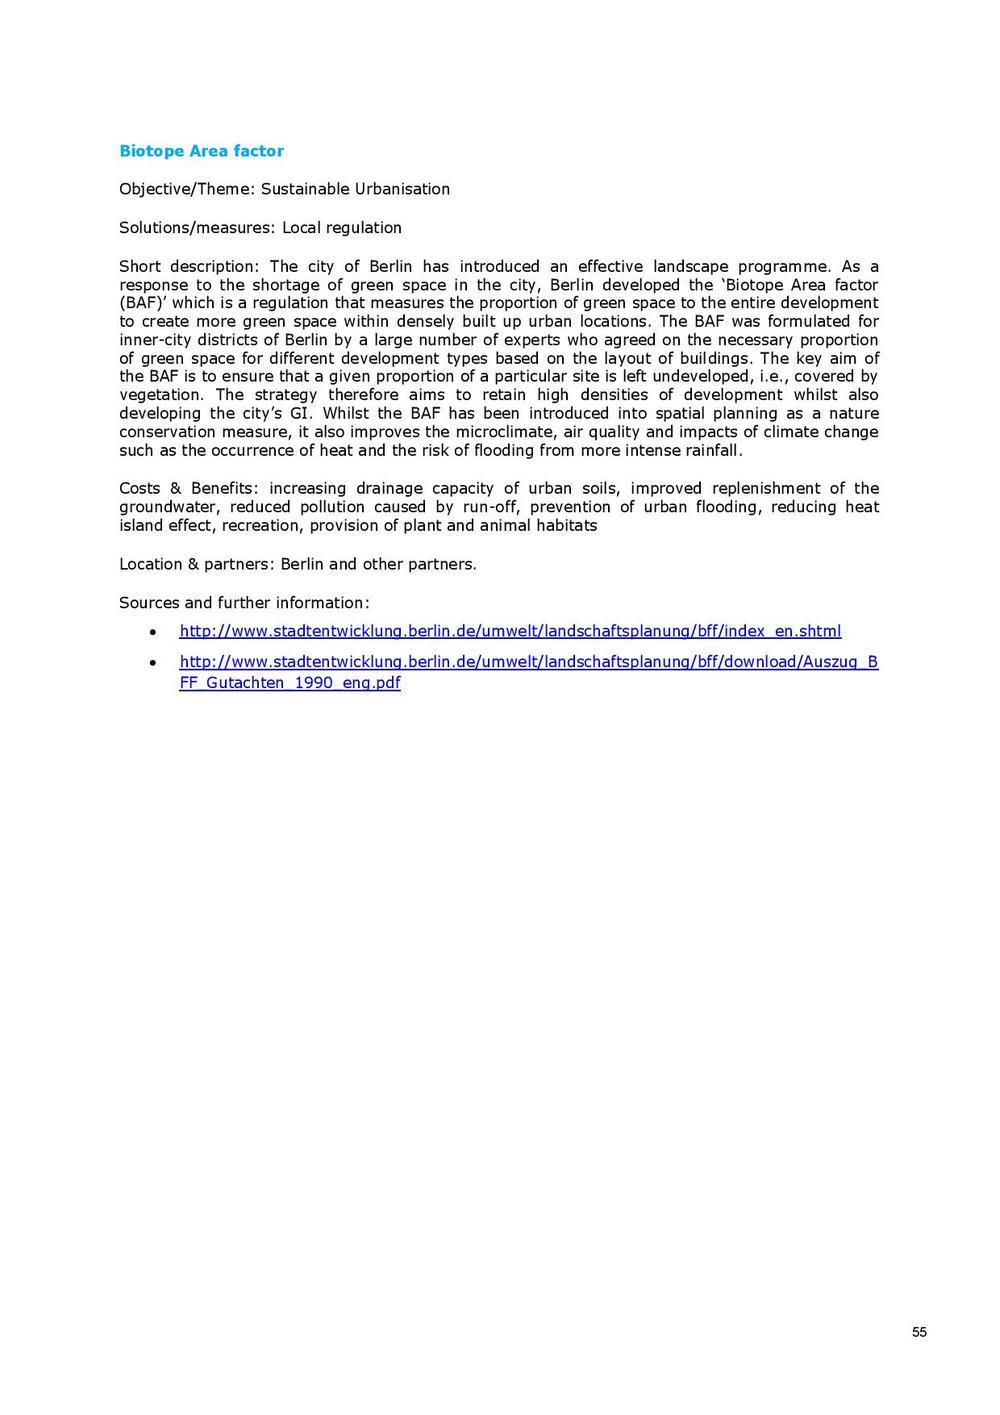 DG RTD_WEB-Publication A4_NBS_long_version_20150310-page-057.jpg